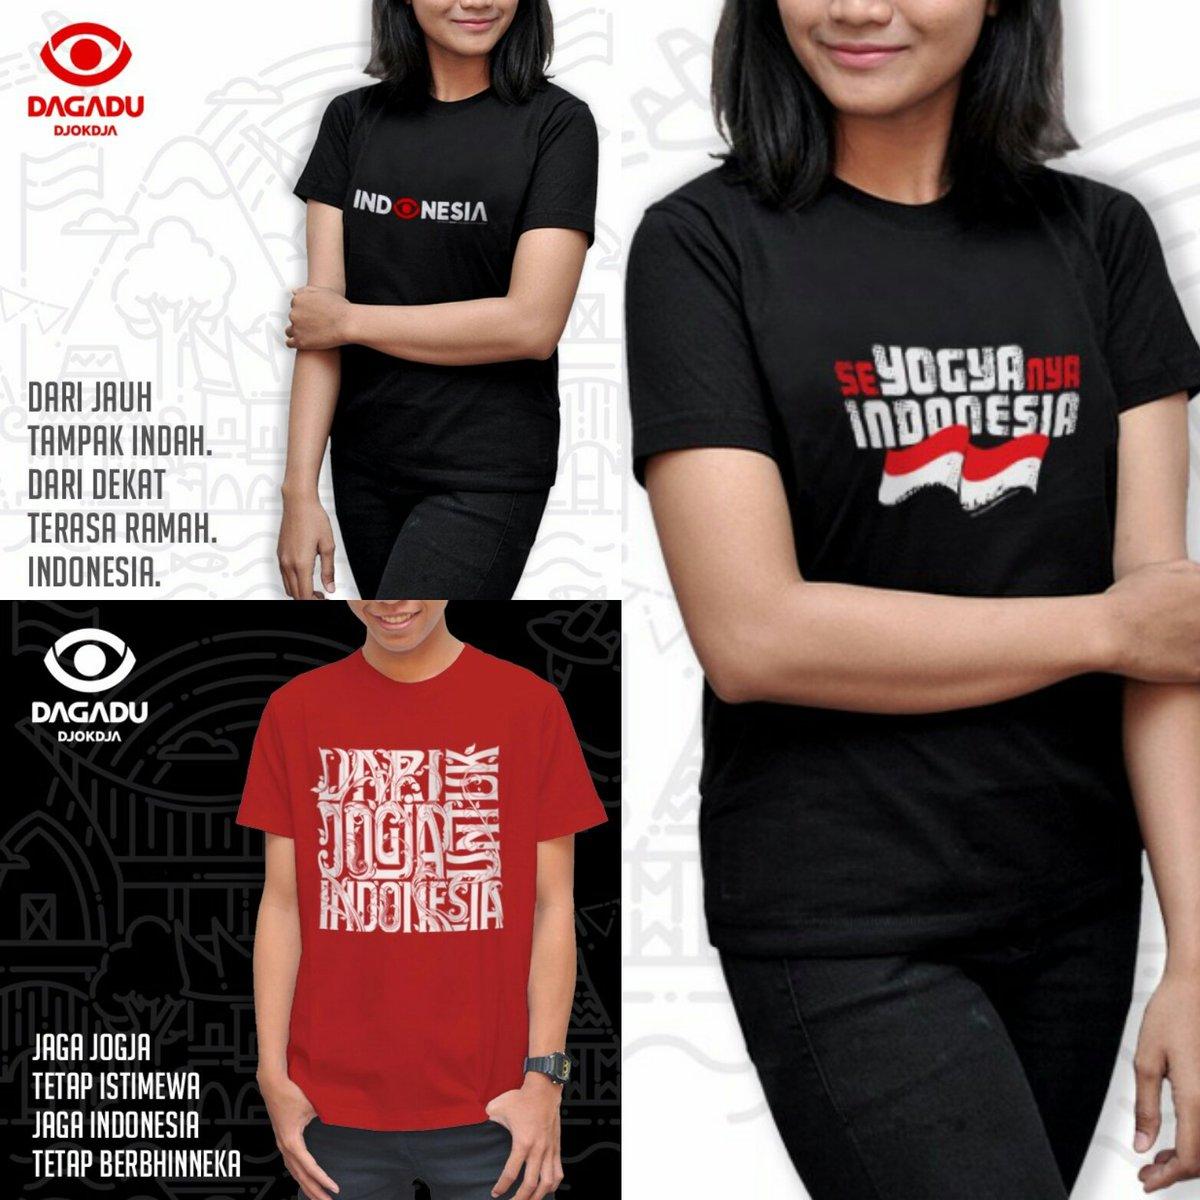 Dagadu T-shirt